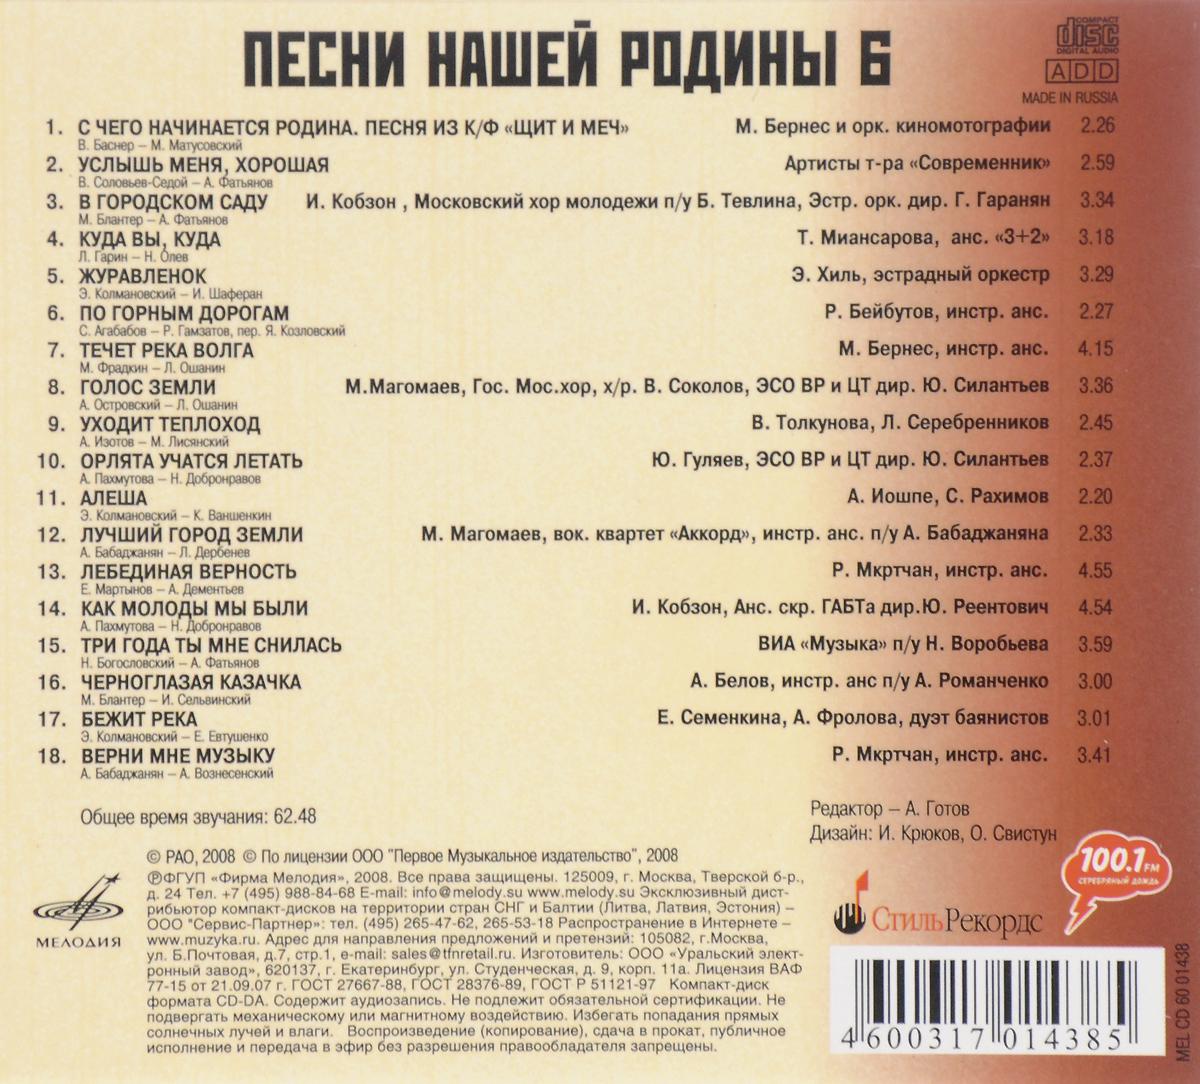 Песни нашей Родины 6 Мелодия